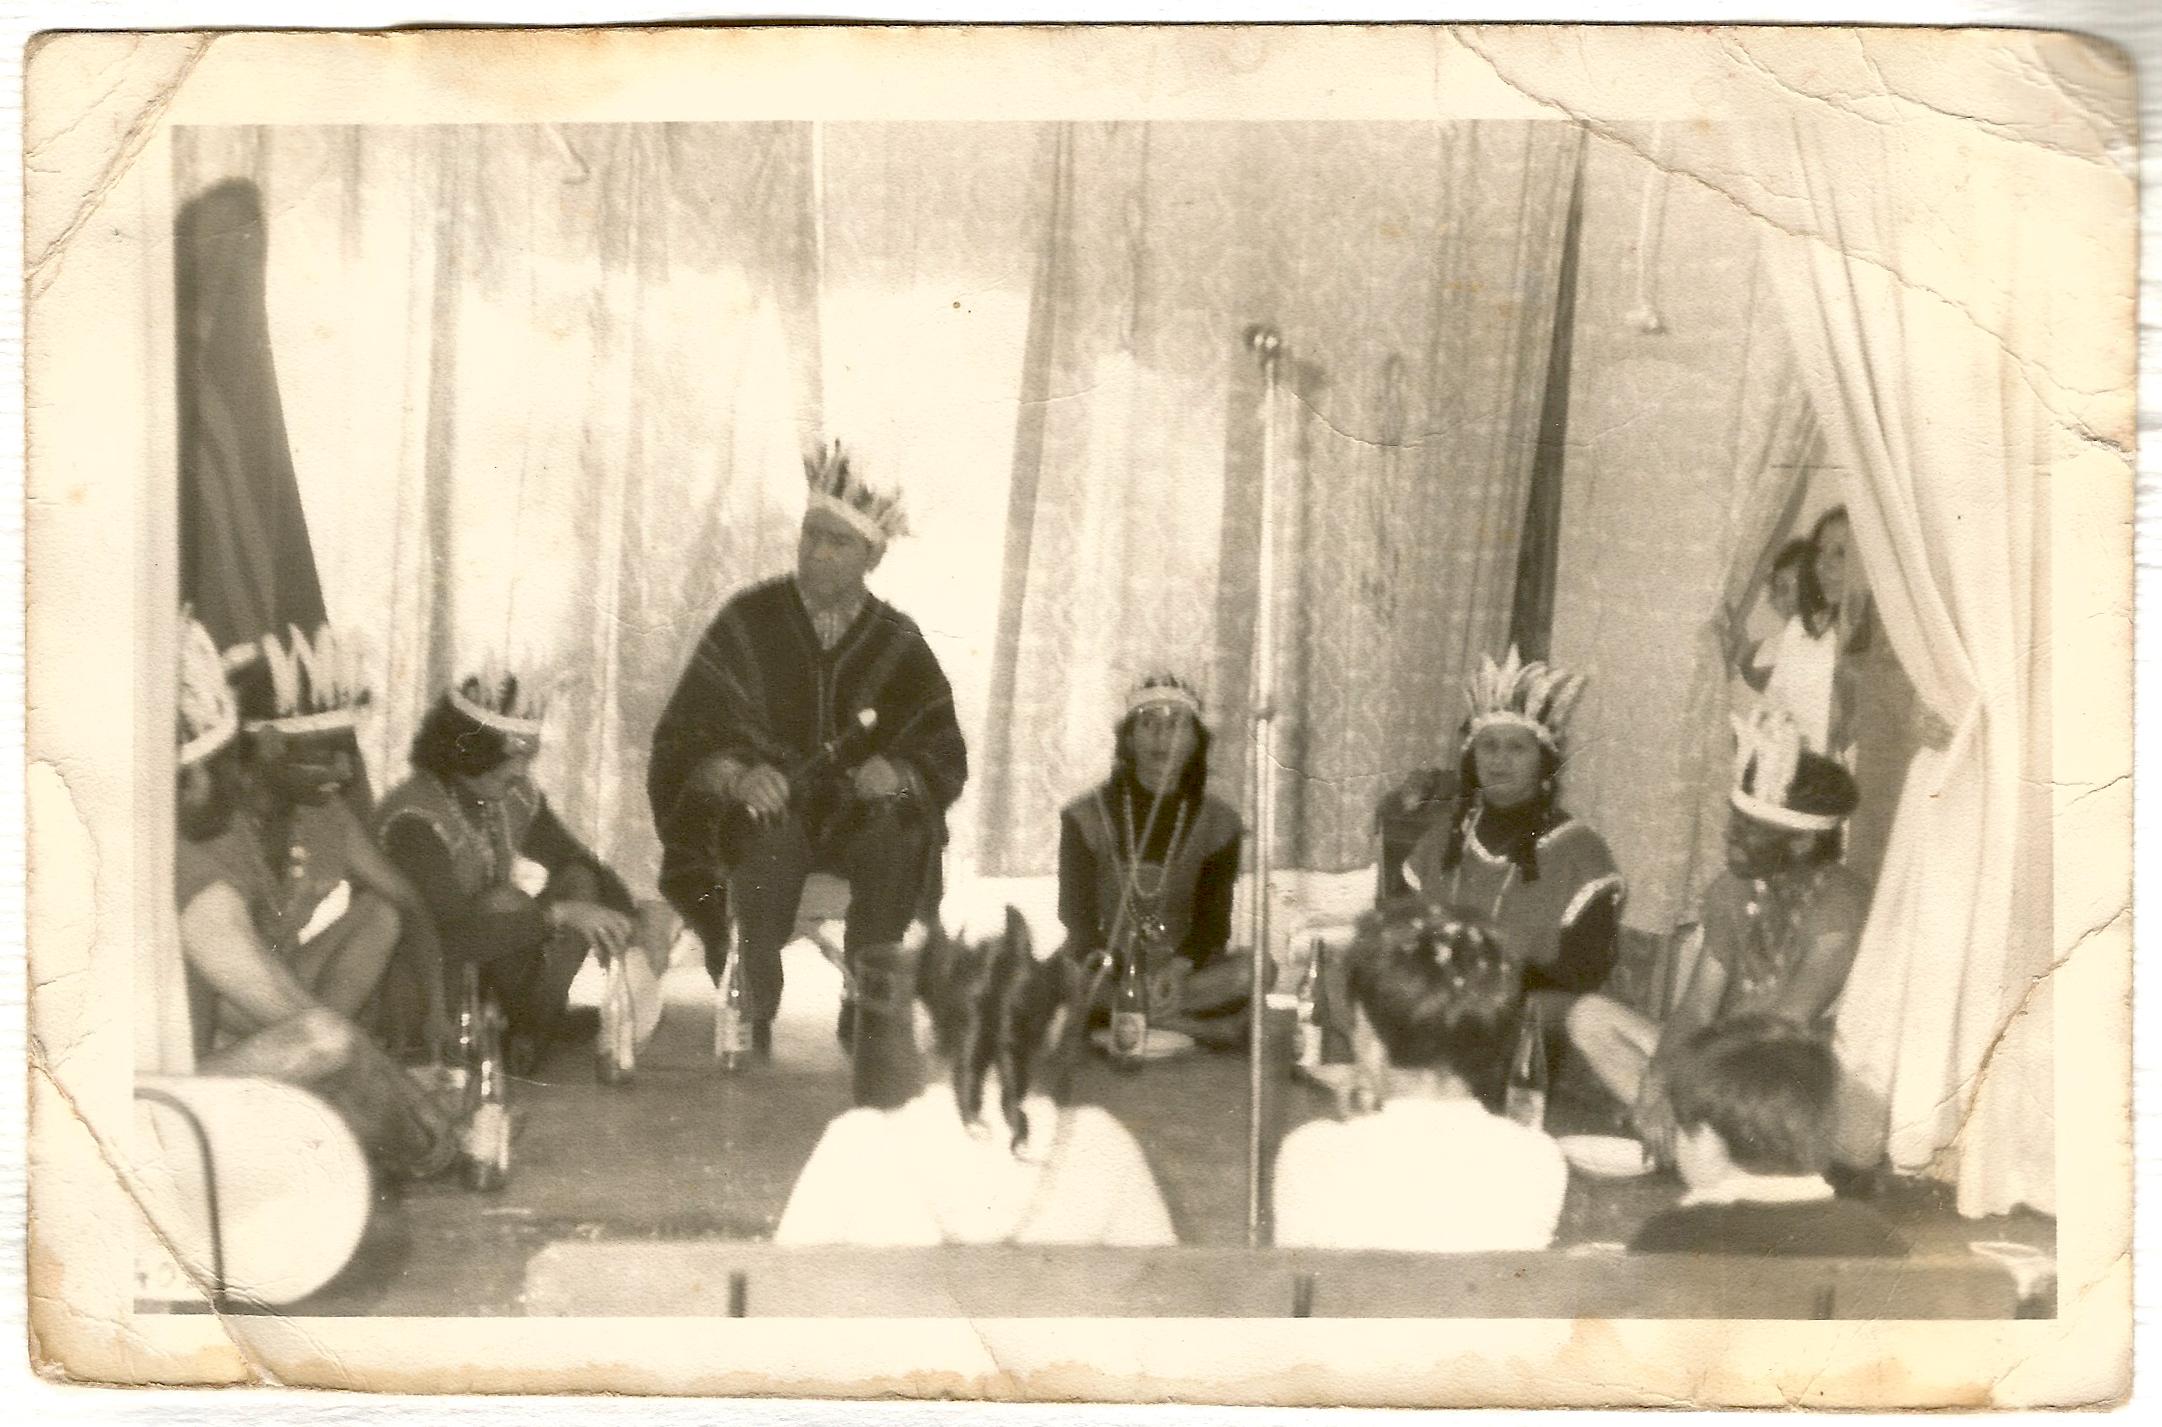 Enterreno - Fotos históricas de chile - fotos antiguas de Chile - Obra de teatro Hospital Sanatorio El Pino, 1966